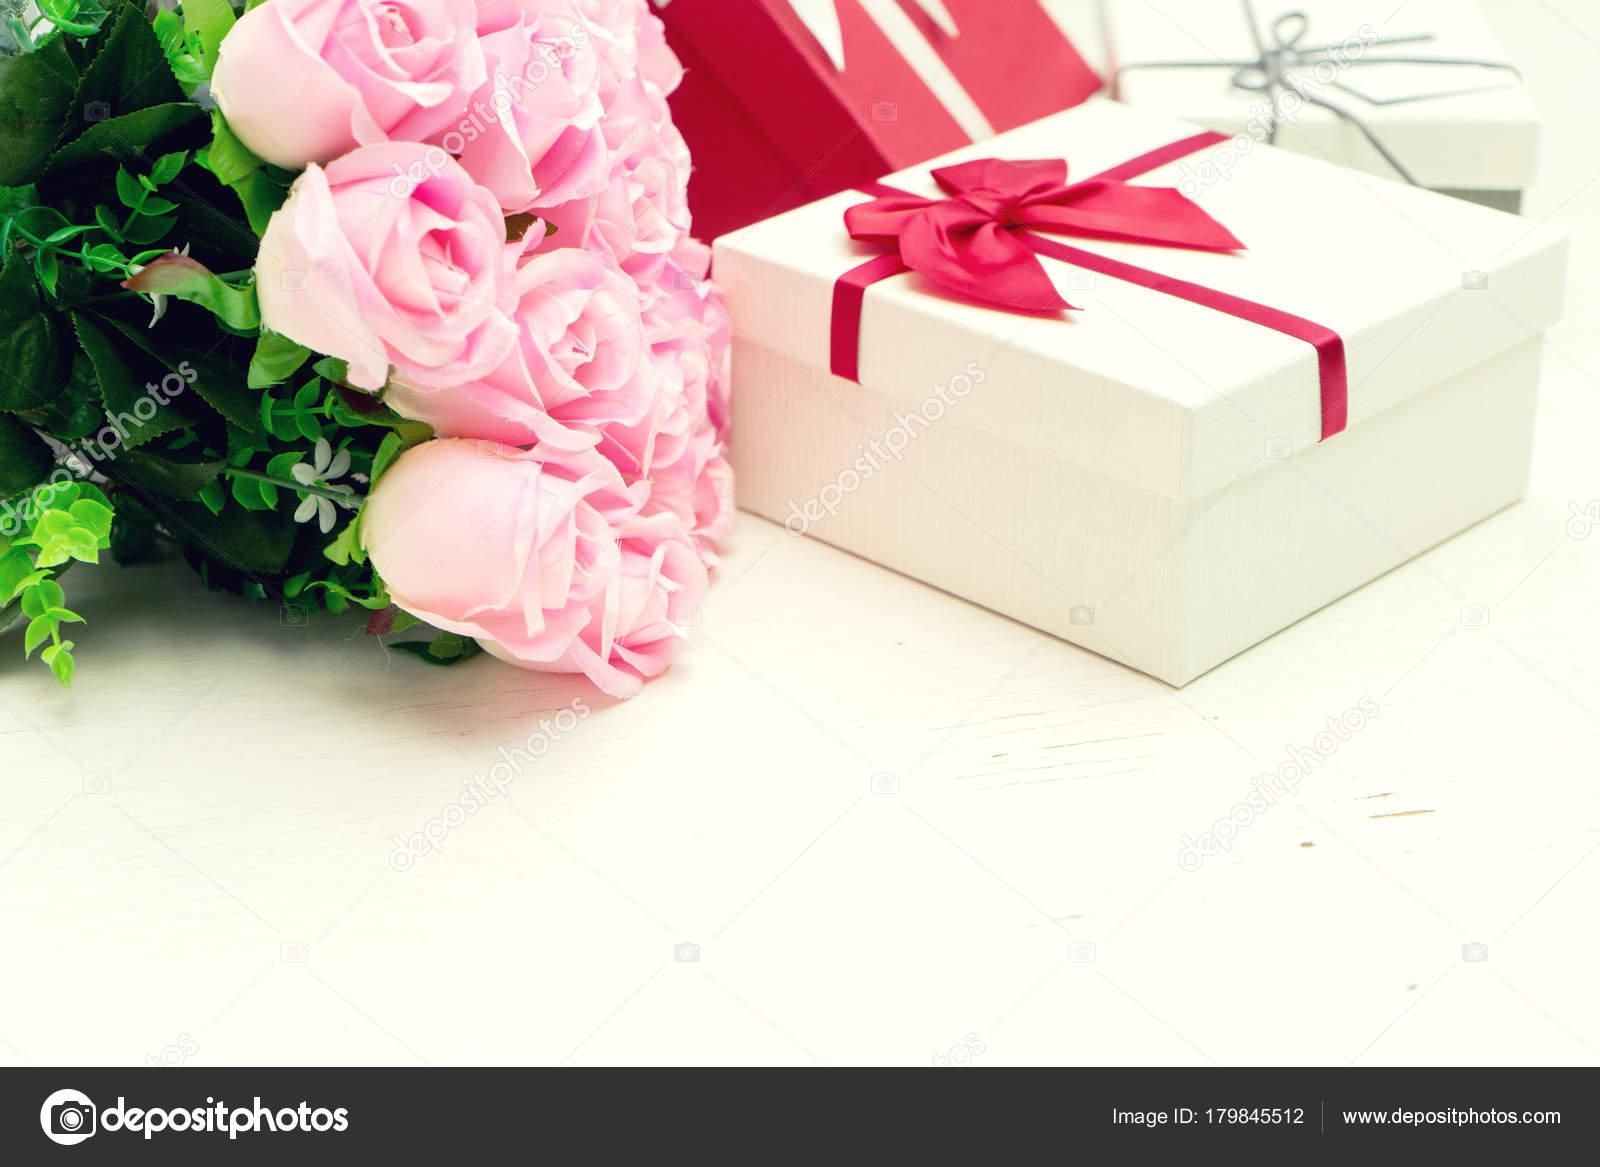 amante coño rosa